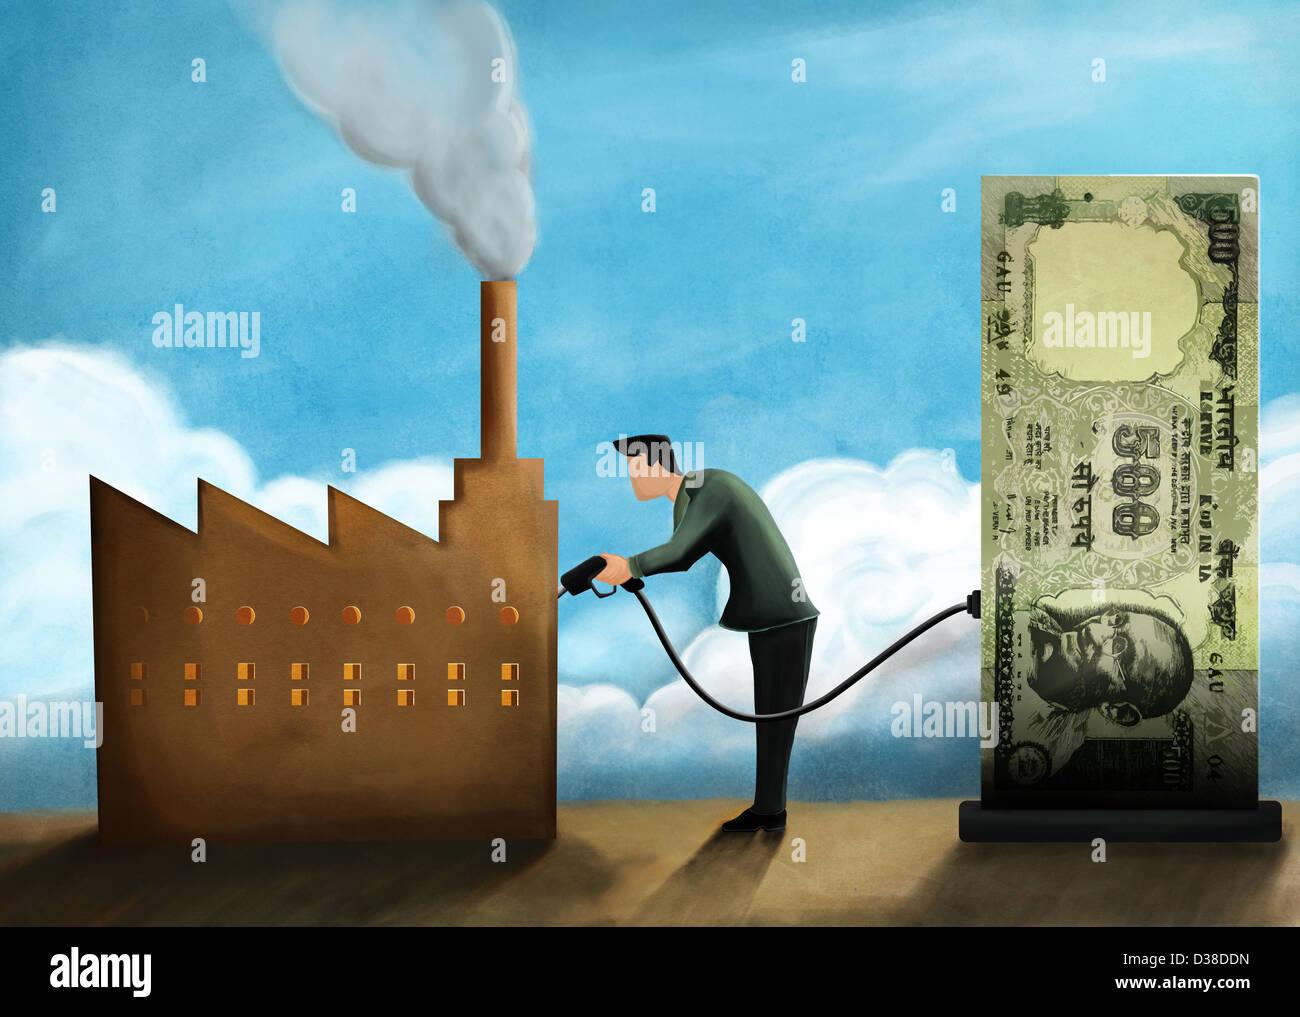 Anschauliches Bild der Geschäftsmann Betankung Fabrik mit Geld die Investition Stockbild